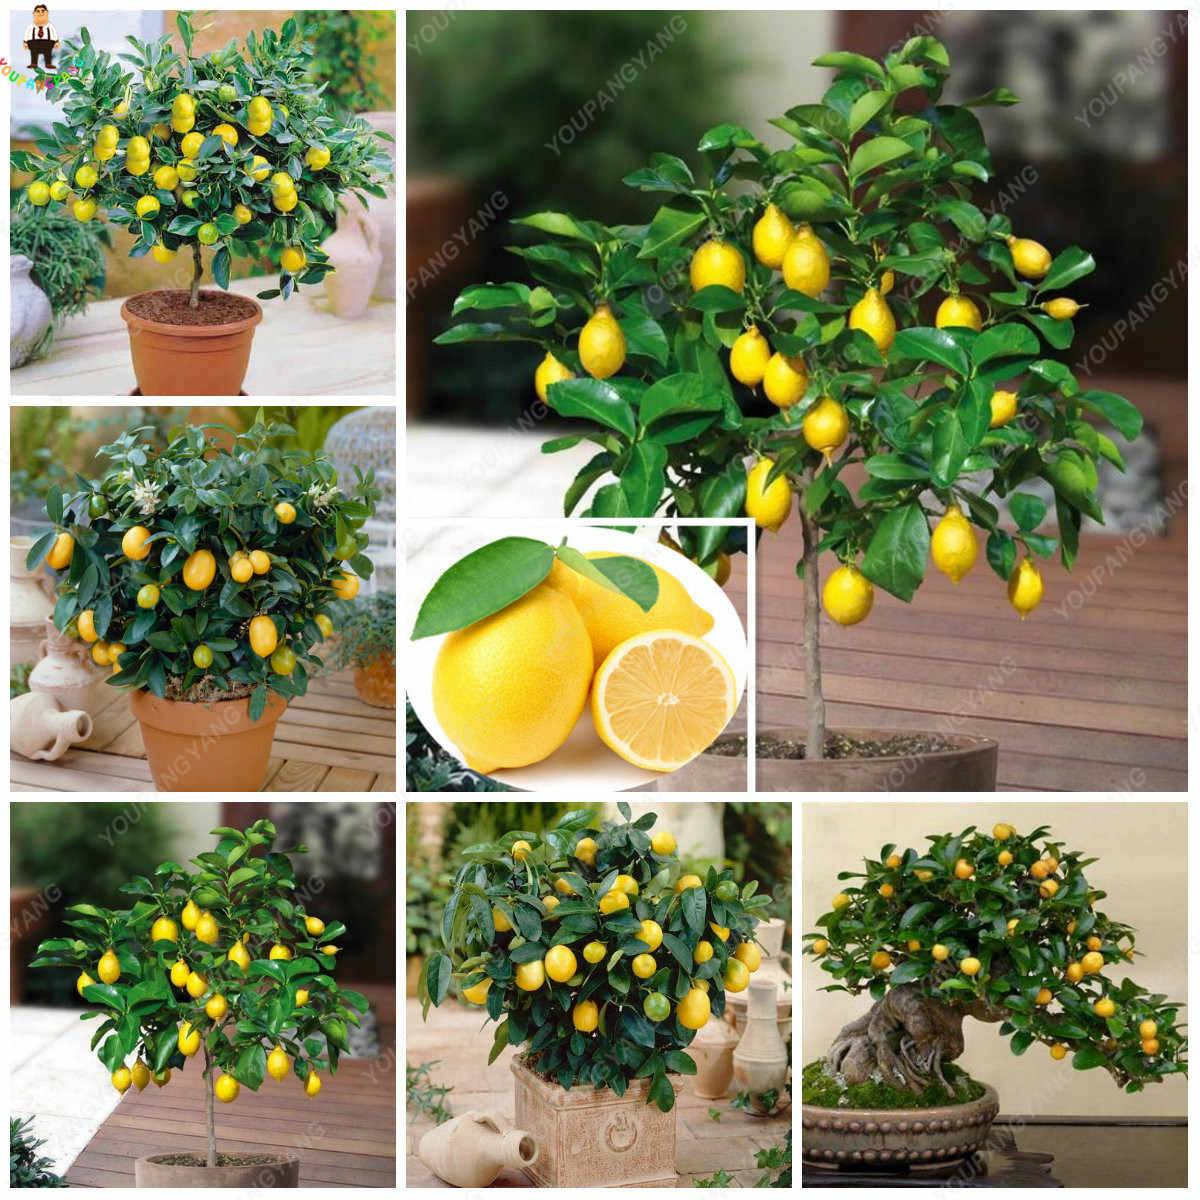 Комнатное живое дерево: фото с описанием, особенности ухода, выращивание и рекомендации цветоводов